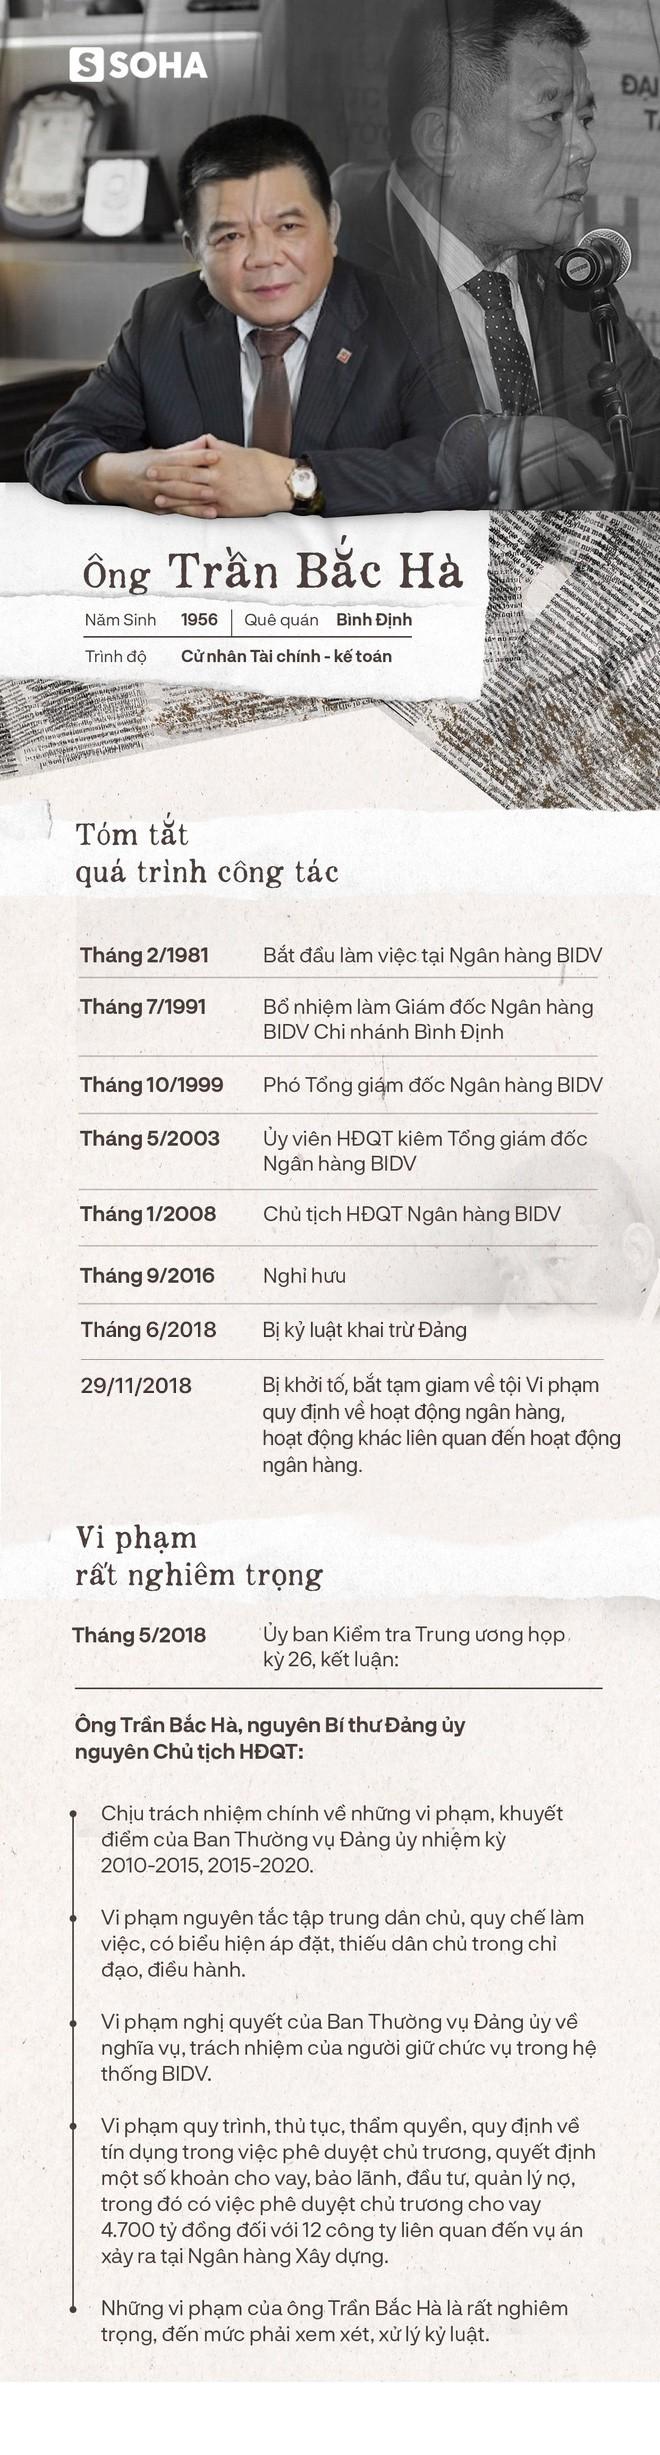 Cựu Chủ tịch BIDV Trần Bắc Hà có những sai phạm gì? - Ảnh 3.